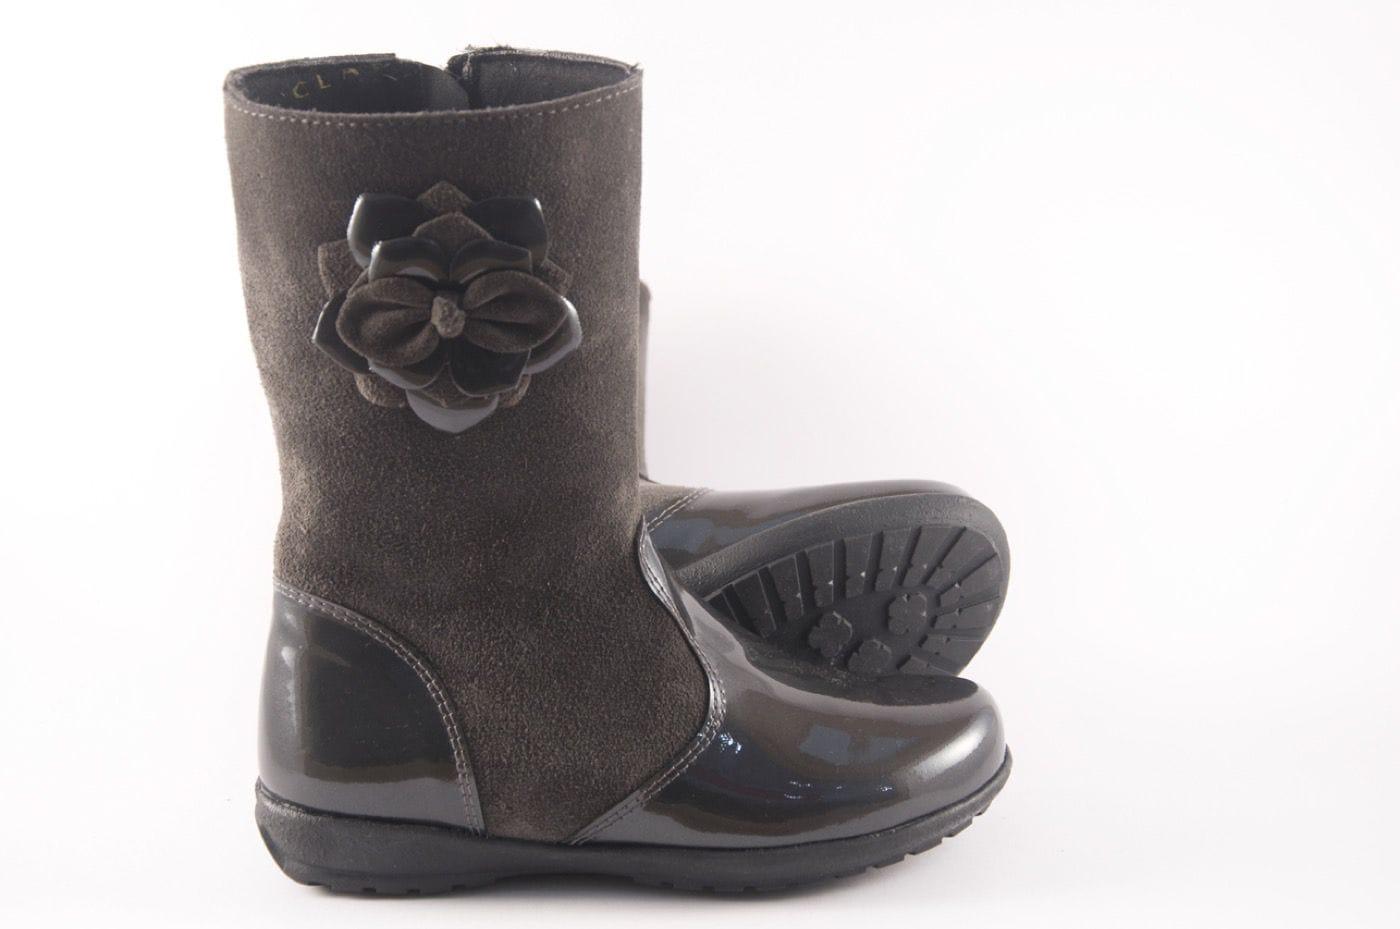 c4a155da0 Comprar Botines Niña Tipo Bota Color Gris Zapato Joven Estilo Alta awqrx4aX